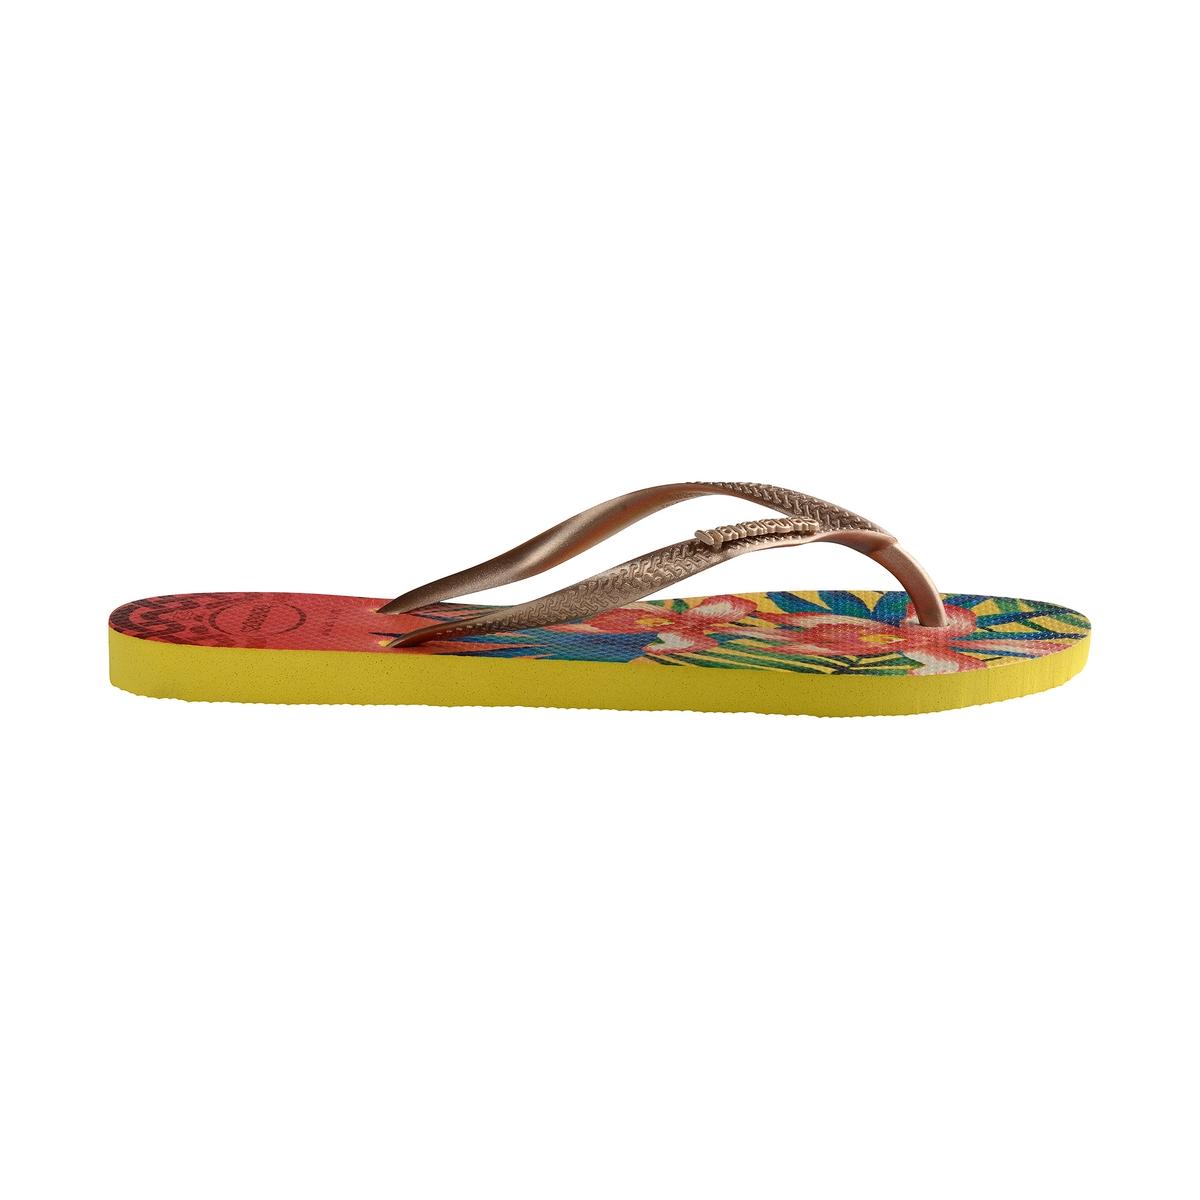 Вьетнамки Slim TropicalВерх : каучук   Стелька : каучук   Подошва : каучук   Форма каблука : плоский каблук   Мысок : открытый мысок   Застежка : без застежки<br><br>Цвет: рисунок/оранжевый<br>Размер: 41/42.35/36